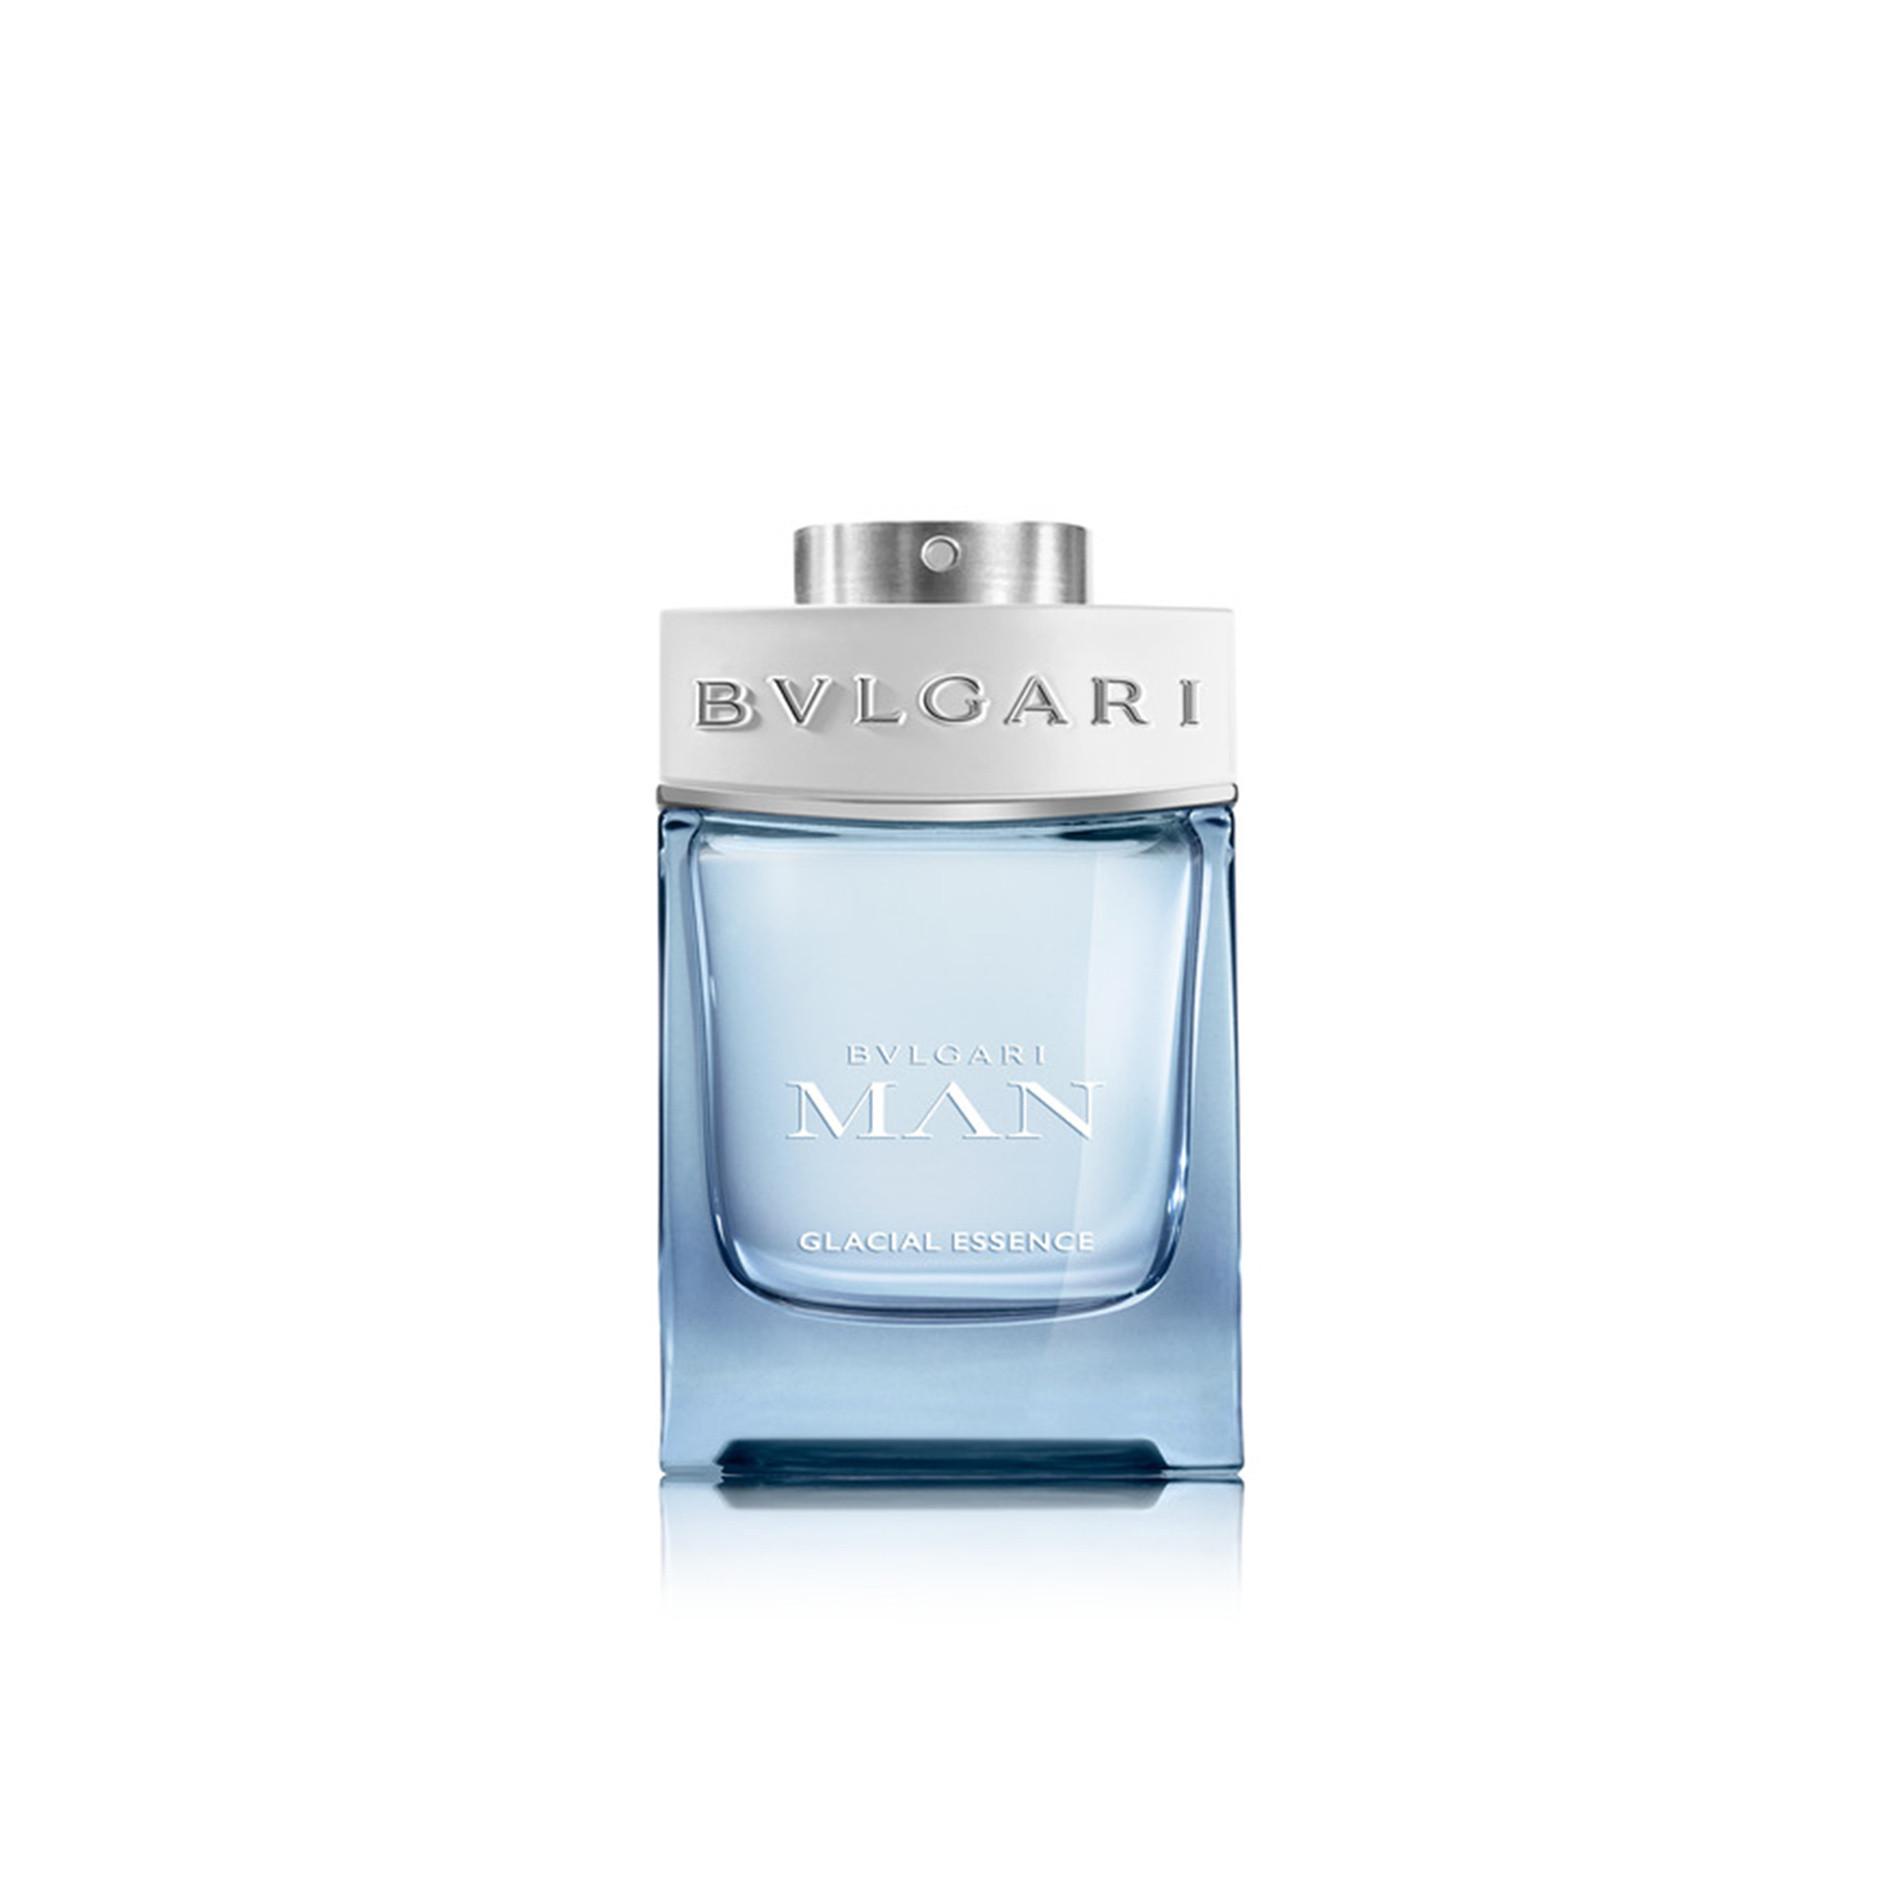 Man Glacial Essence Eau de Parfum, Trasparente, large image number 1